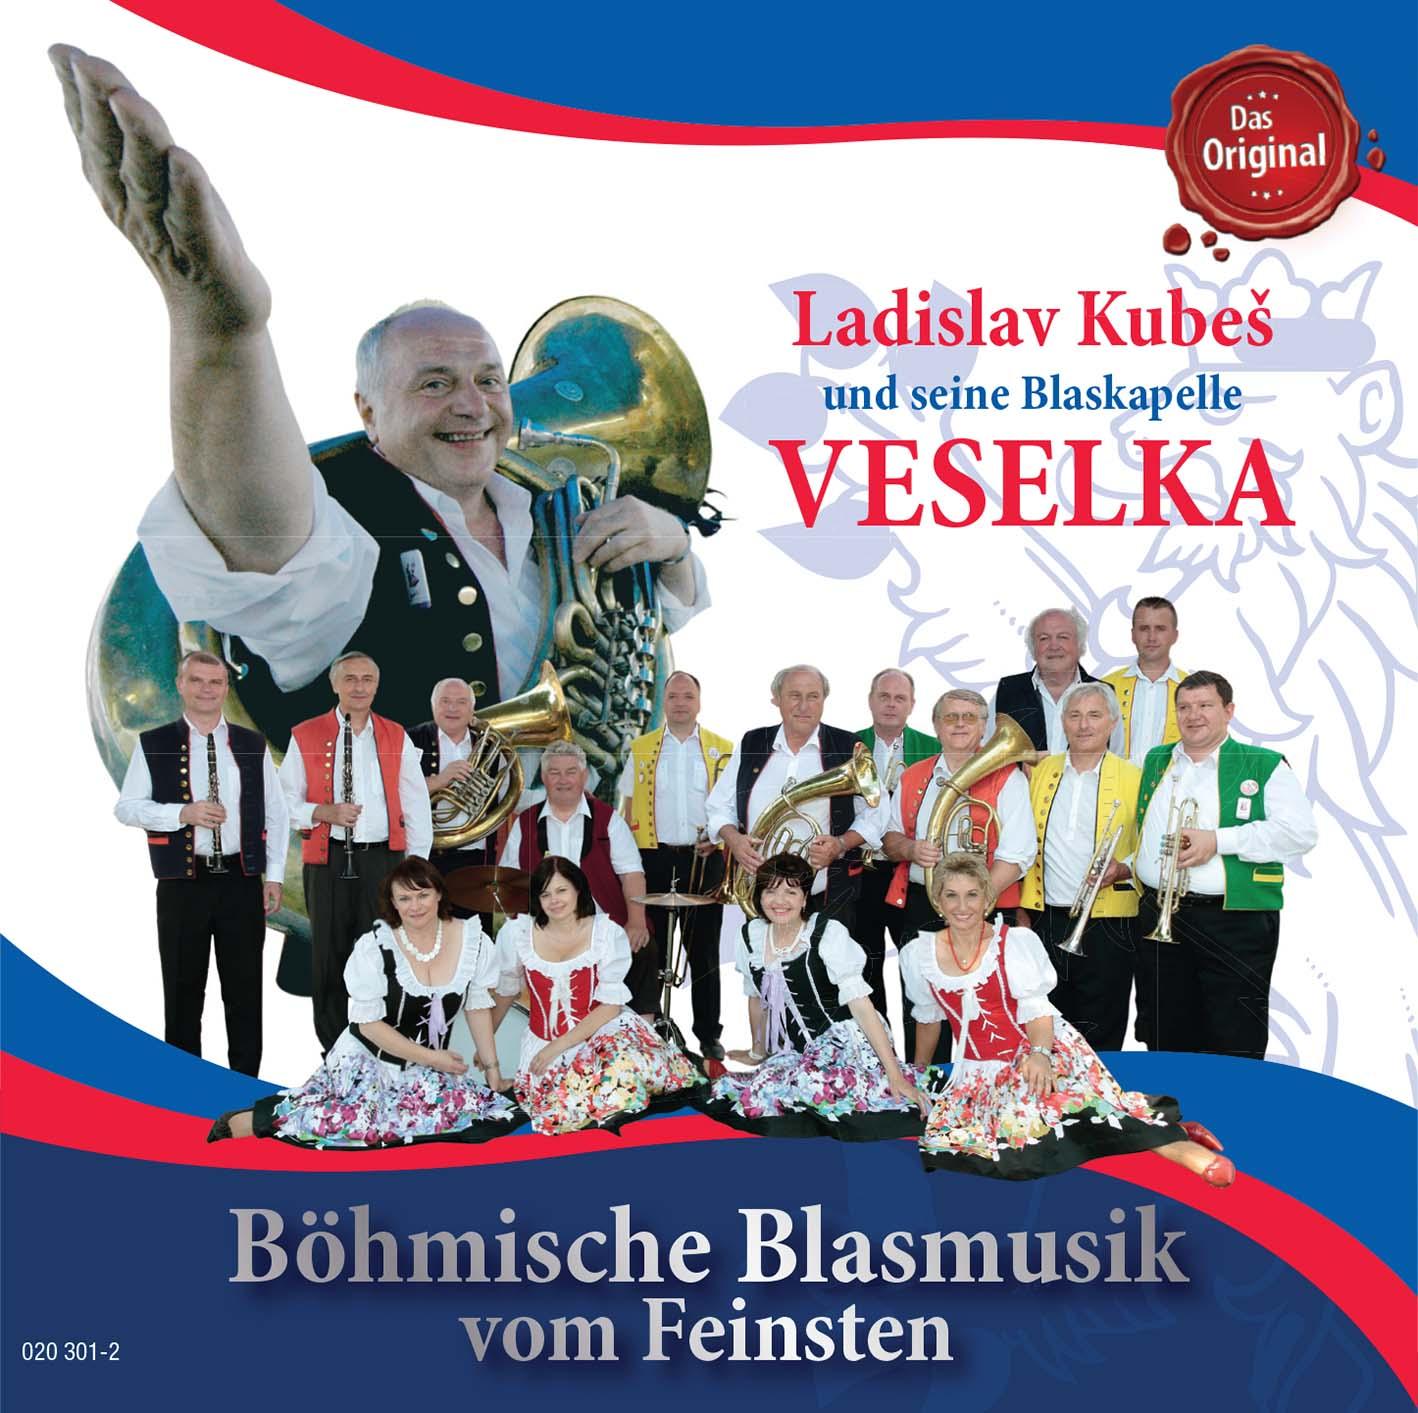 Boehmische_Blasmusik_Titul